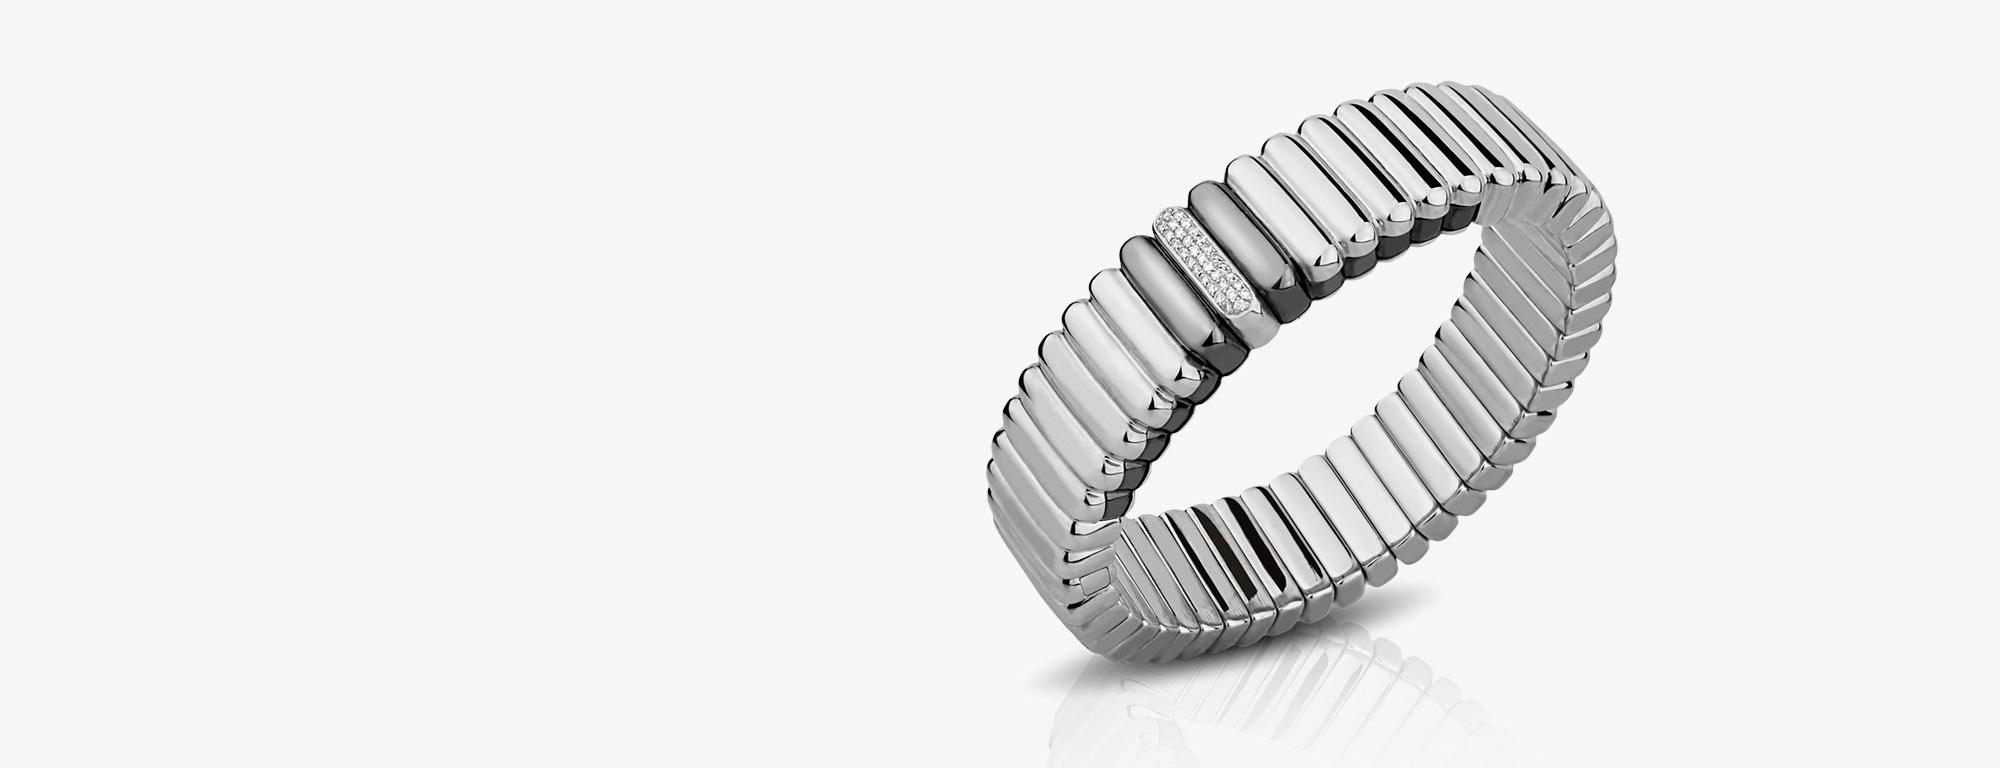 Elegant jewelry with powerful tech